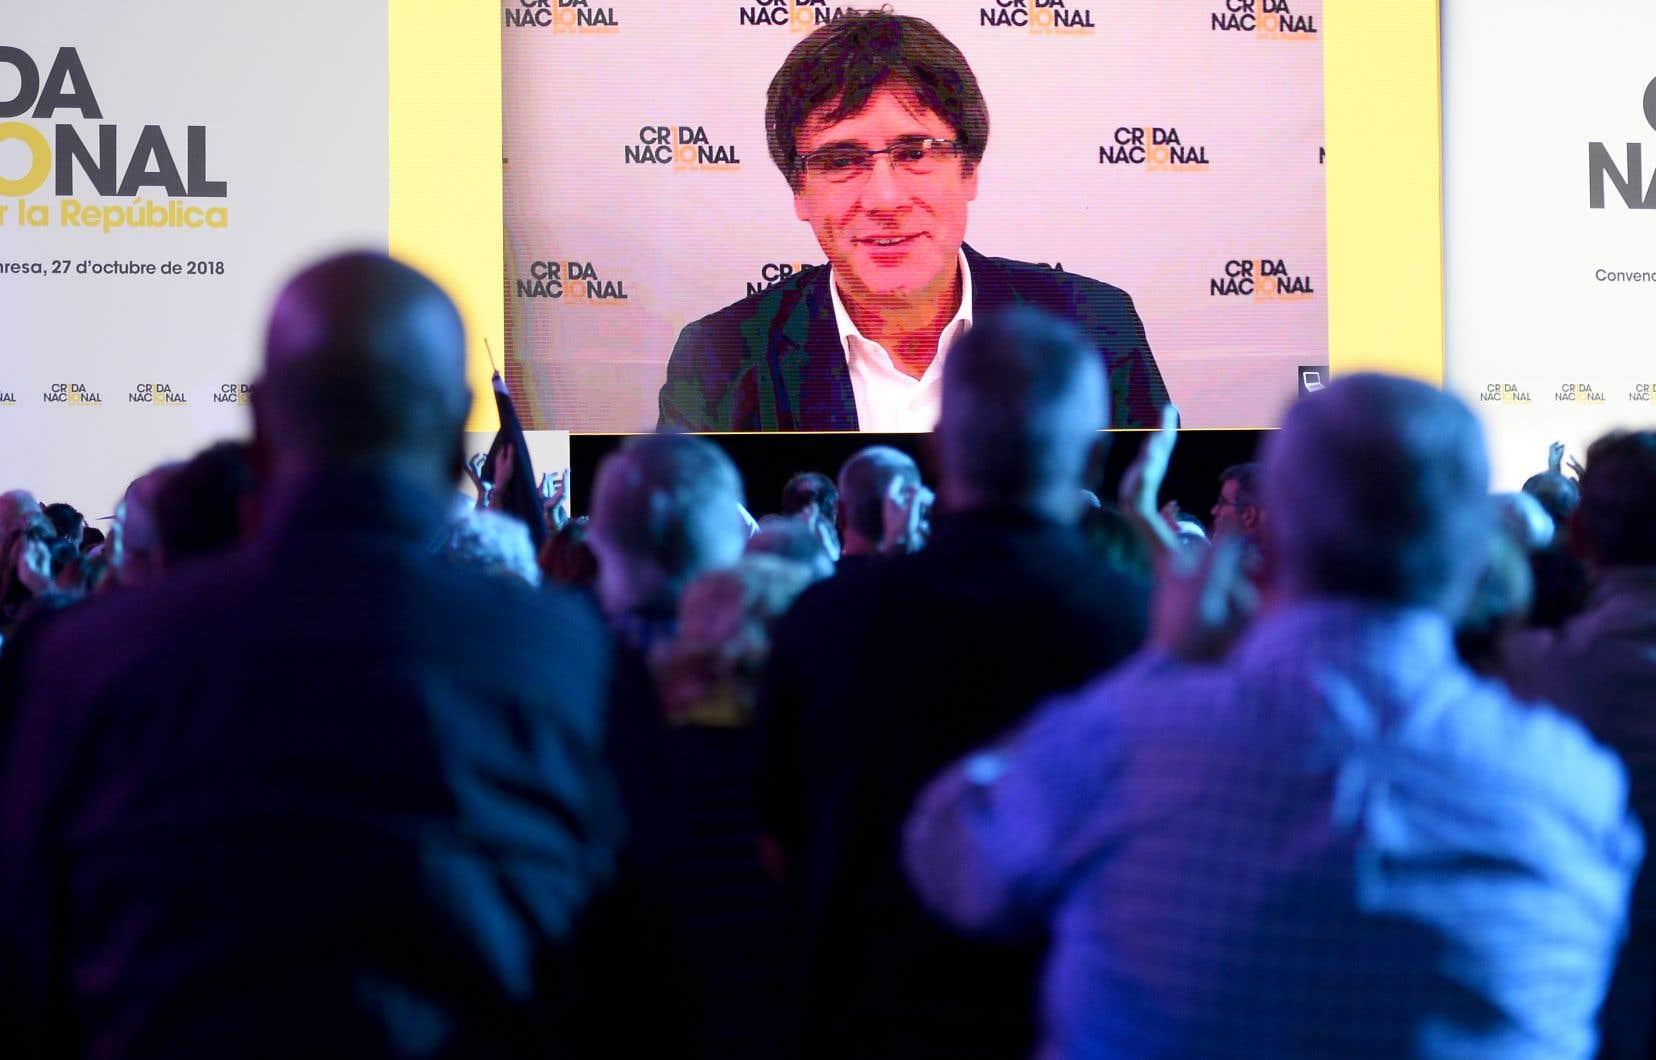 L'ancien président de la région catalane Carles Puigdemont apparaît sur un écran, lors de la convention de fondation du nouveau parti séparatiste catalan La Crida.